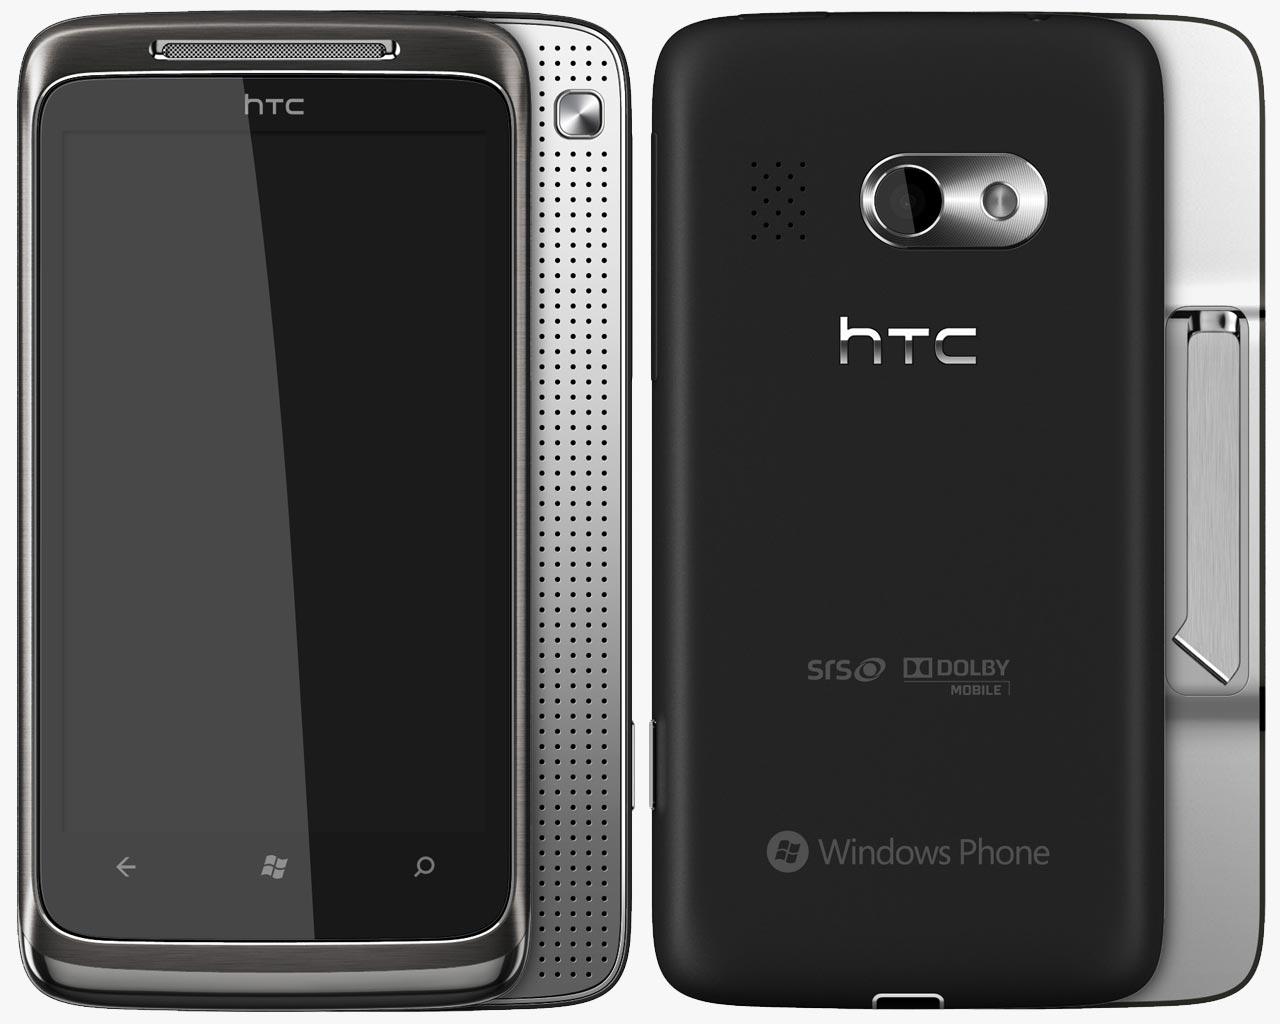 Scarica WhatsApp gratuitamente per HTC 7 Mozart, HTC 7 Pro, HTC 7 Surround, HTC 7 Trophy 3